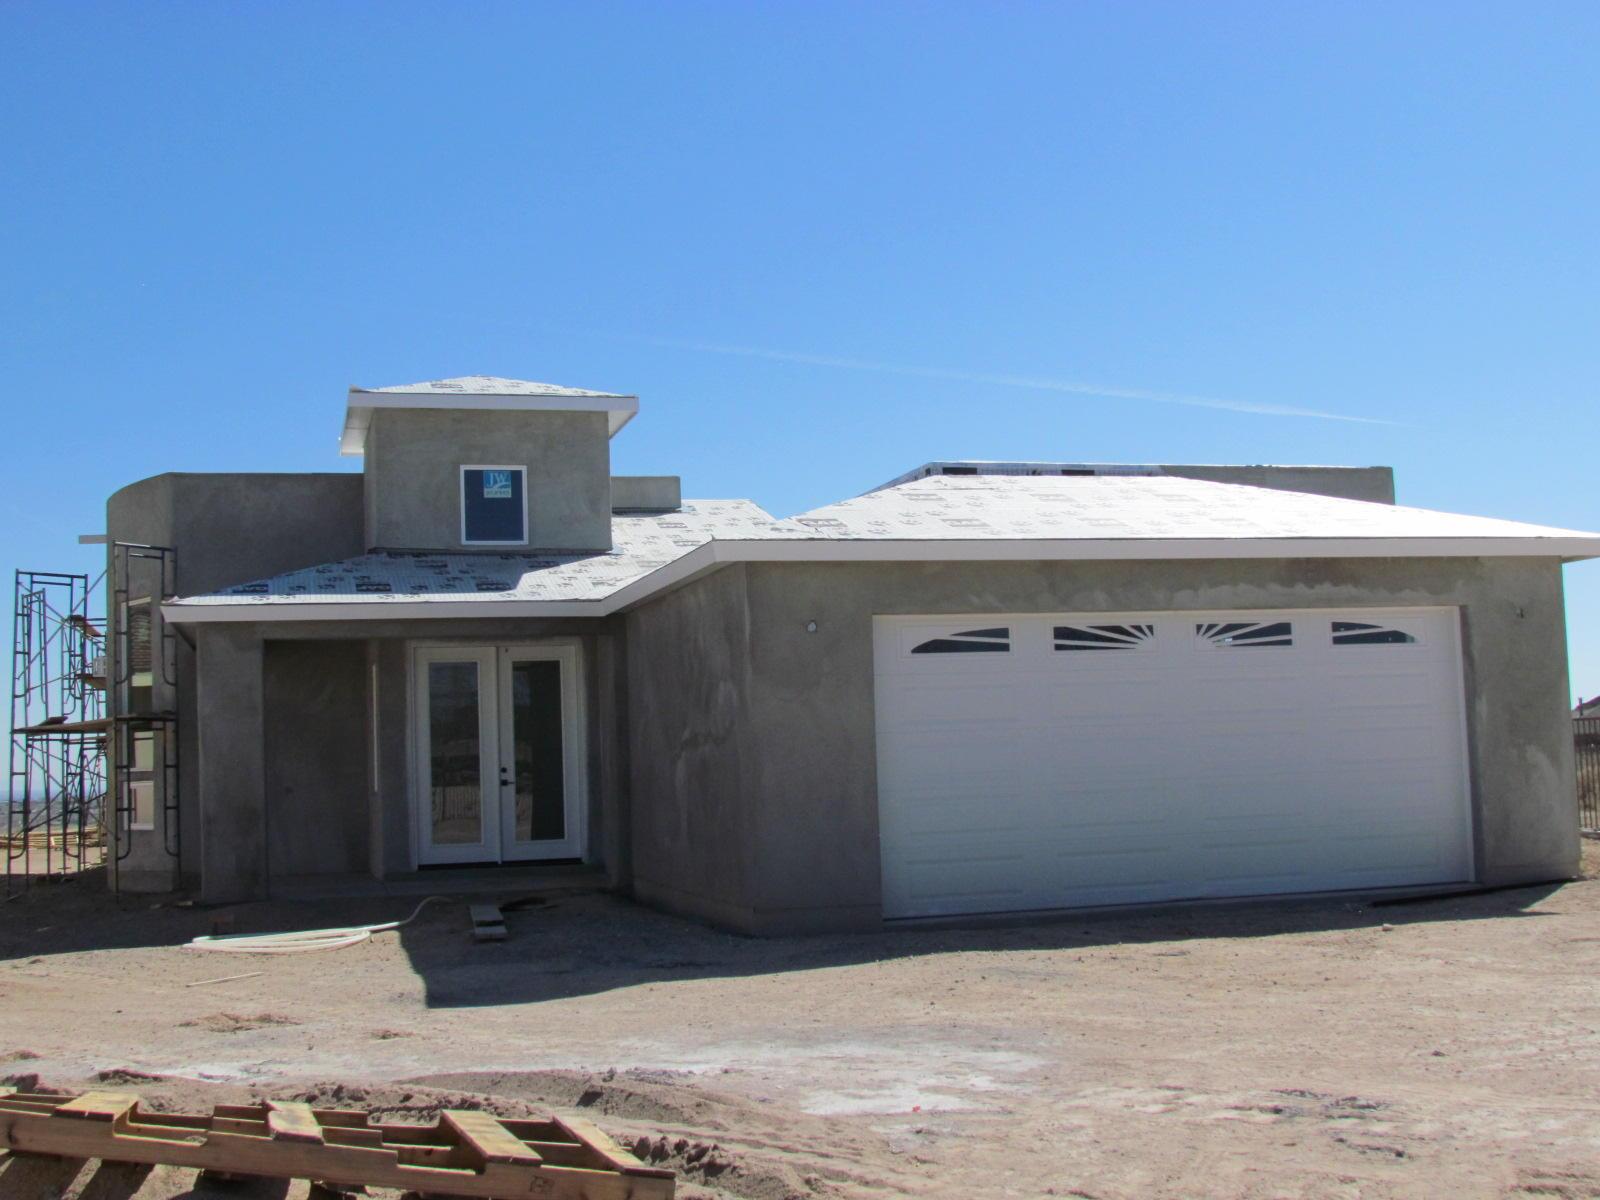 608 SE Southern Boulevard, Rio Rancho, New Mexico